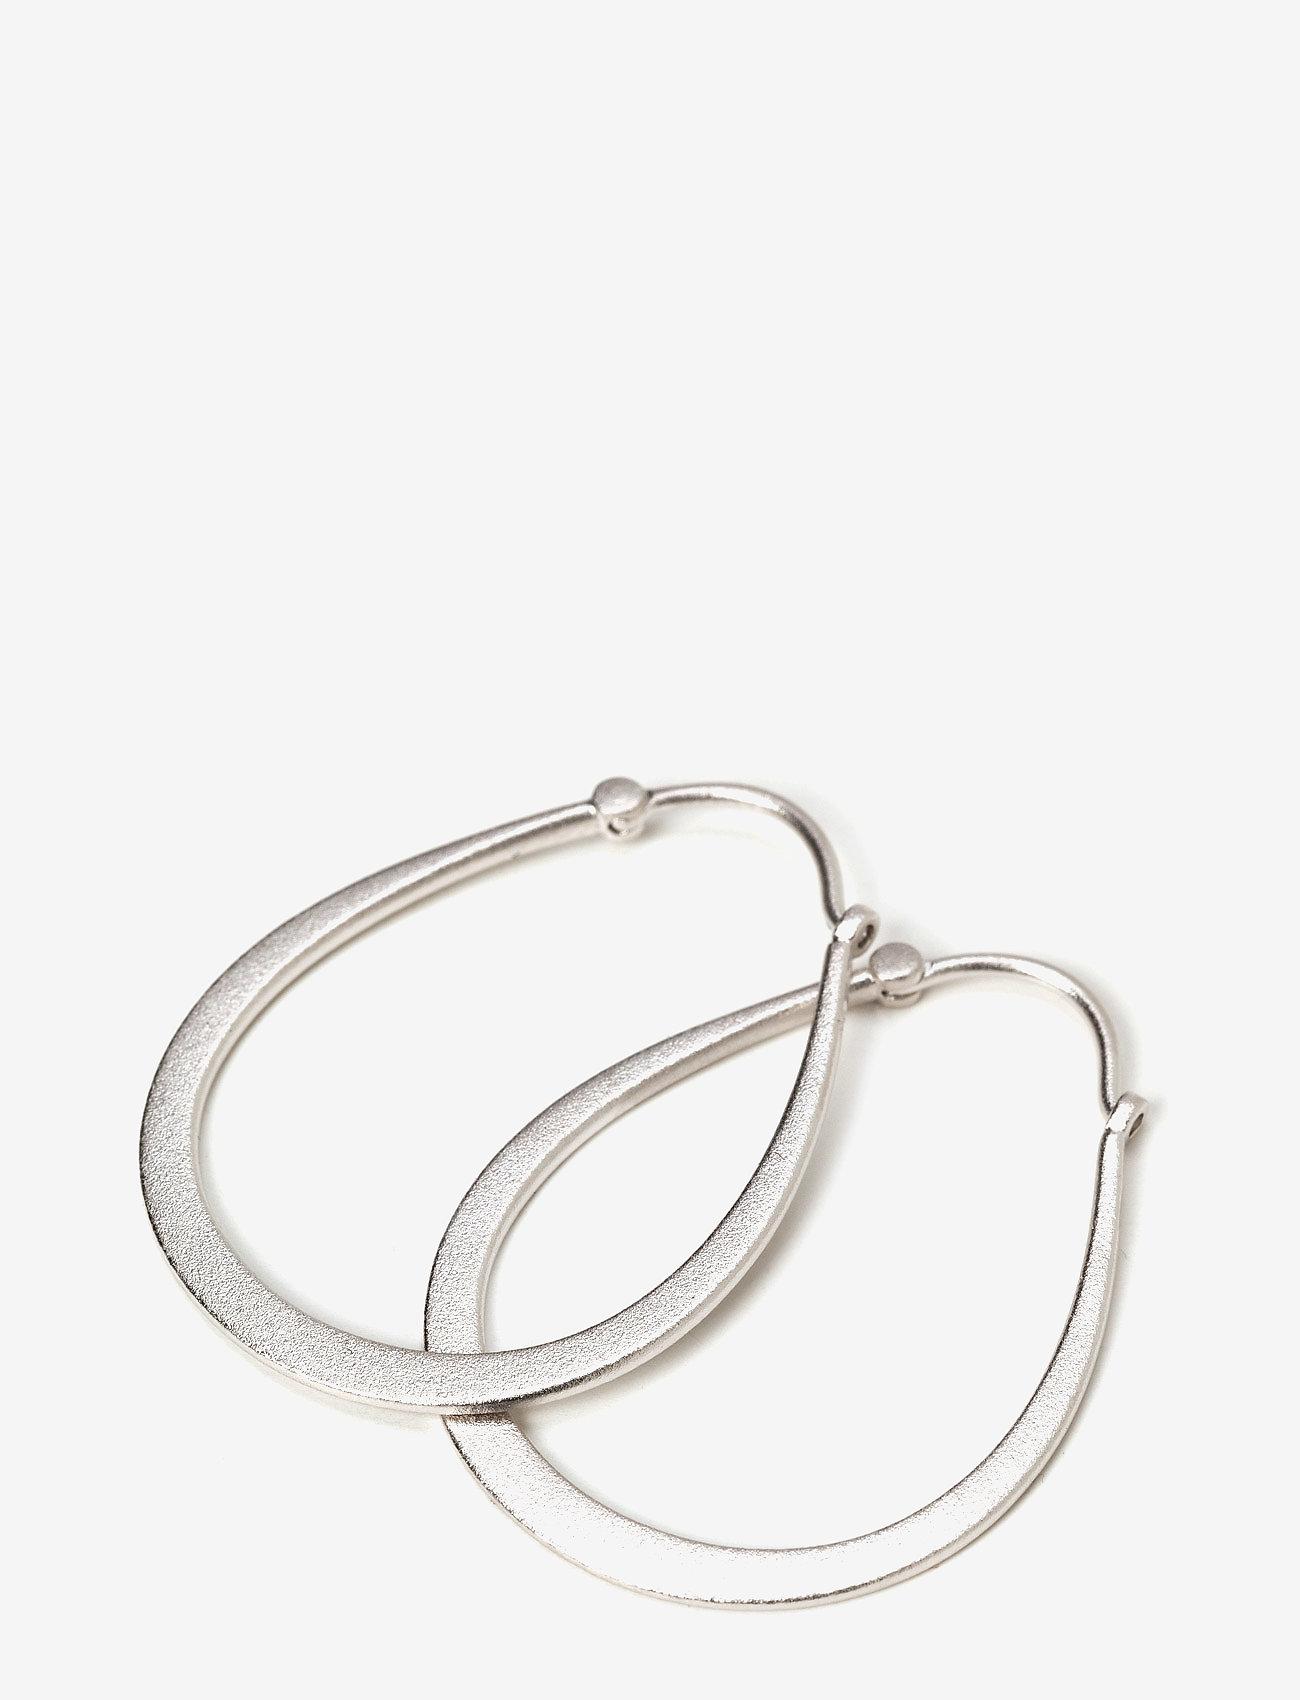 Julie Sandlau Classic Pear Hoop Earring - Rhodium Smycken Silver